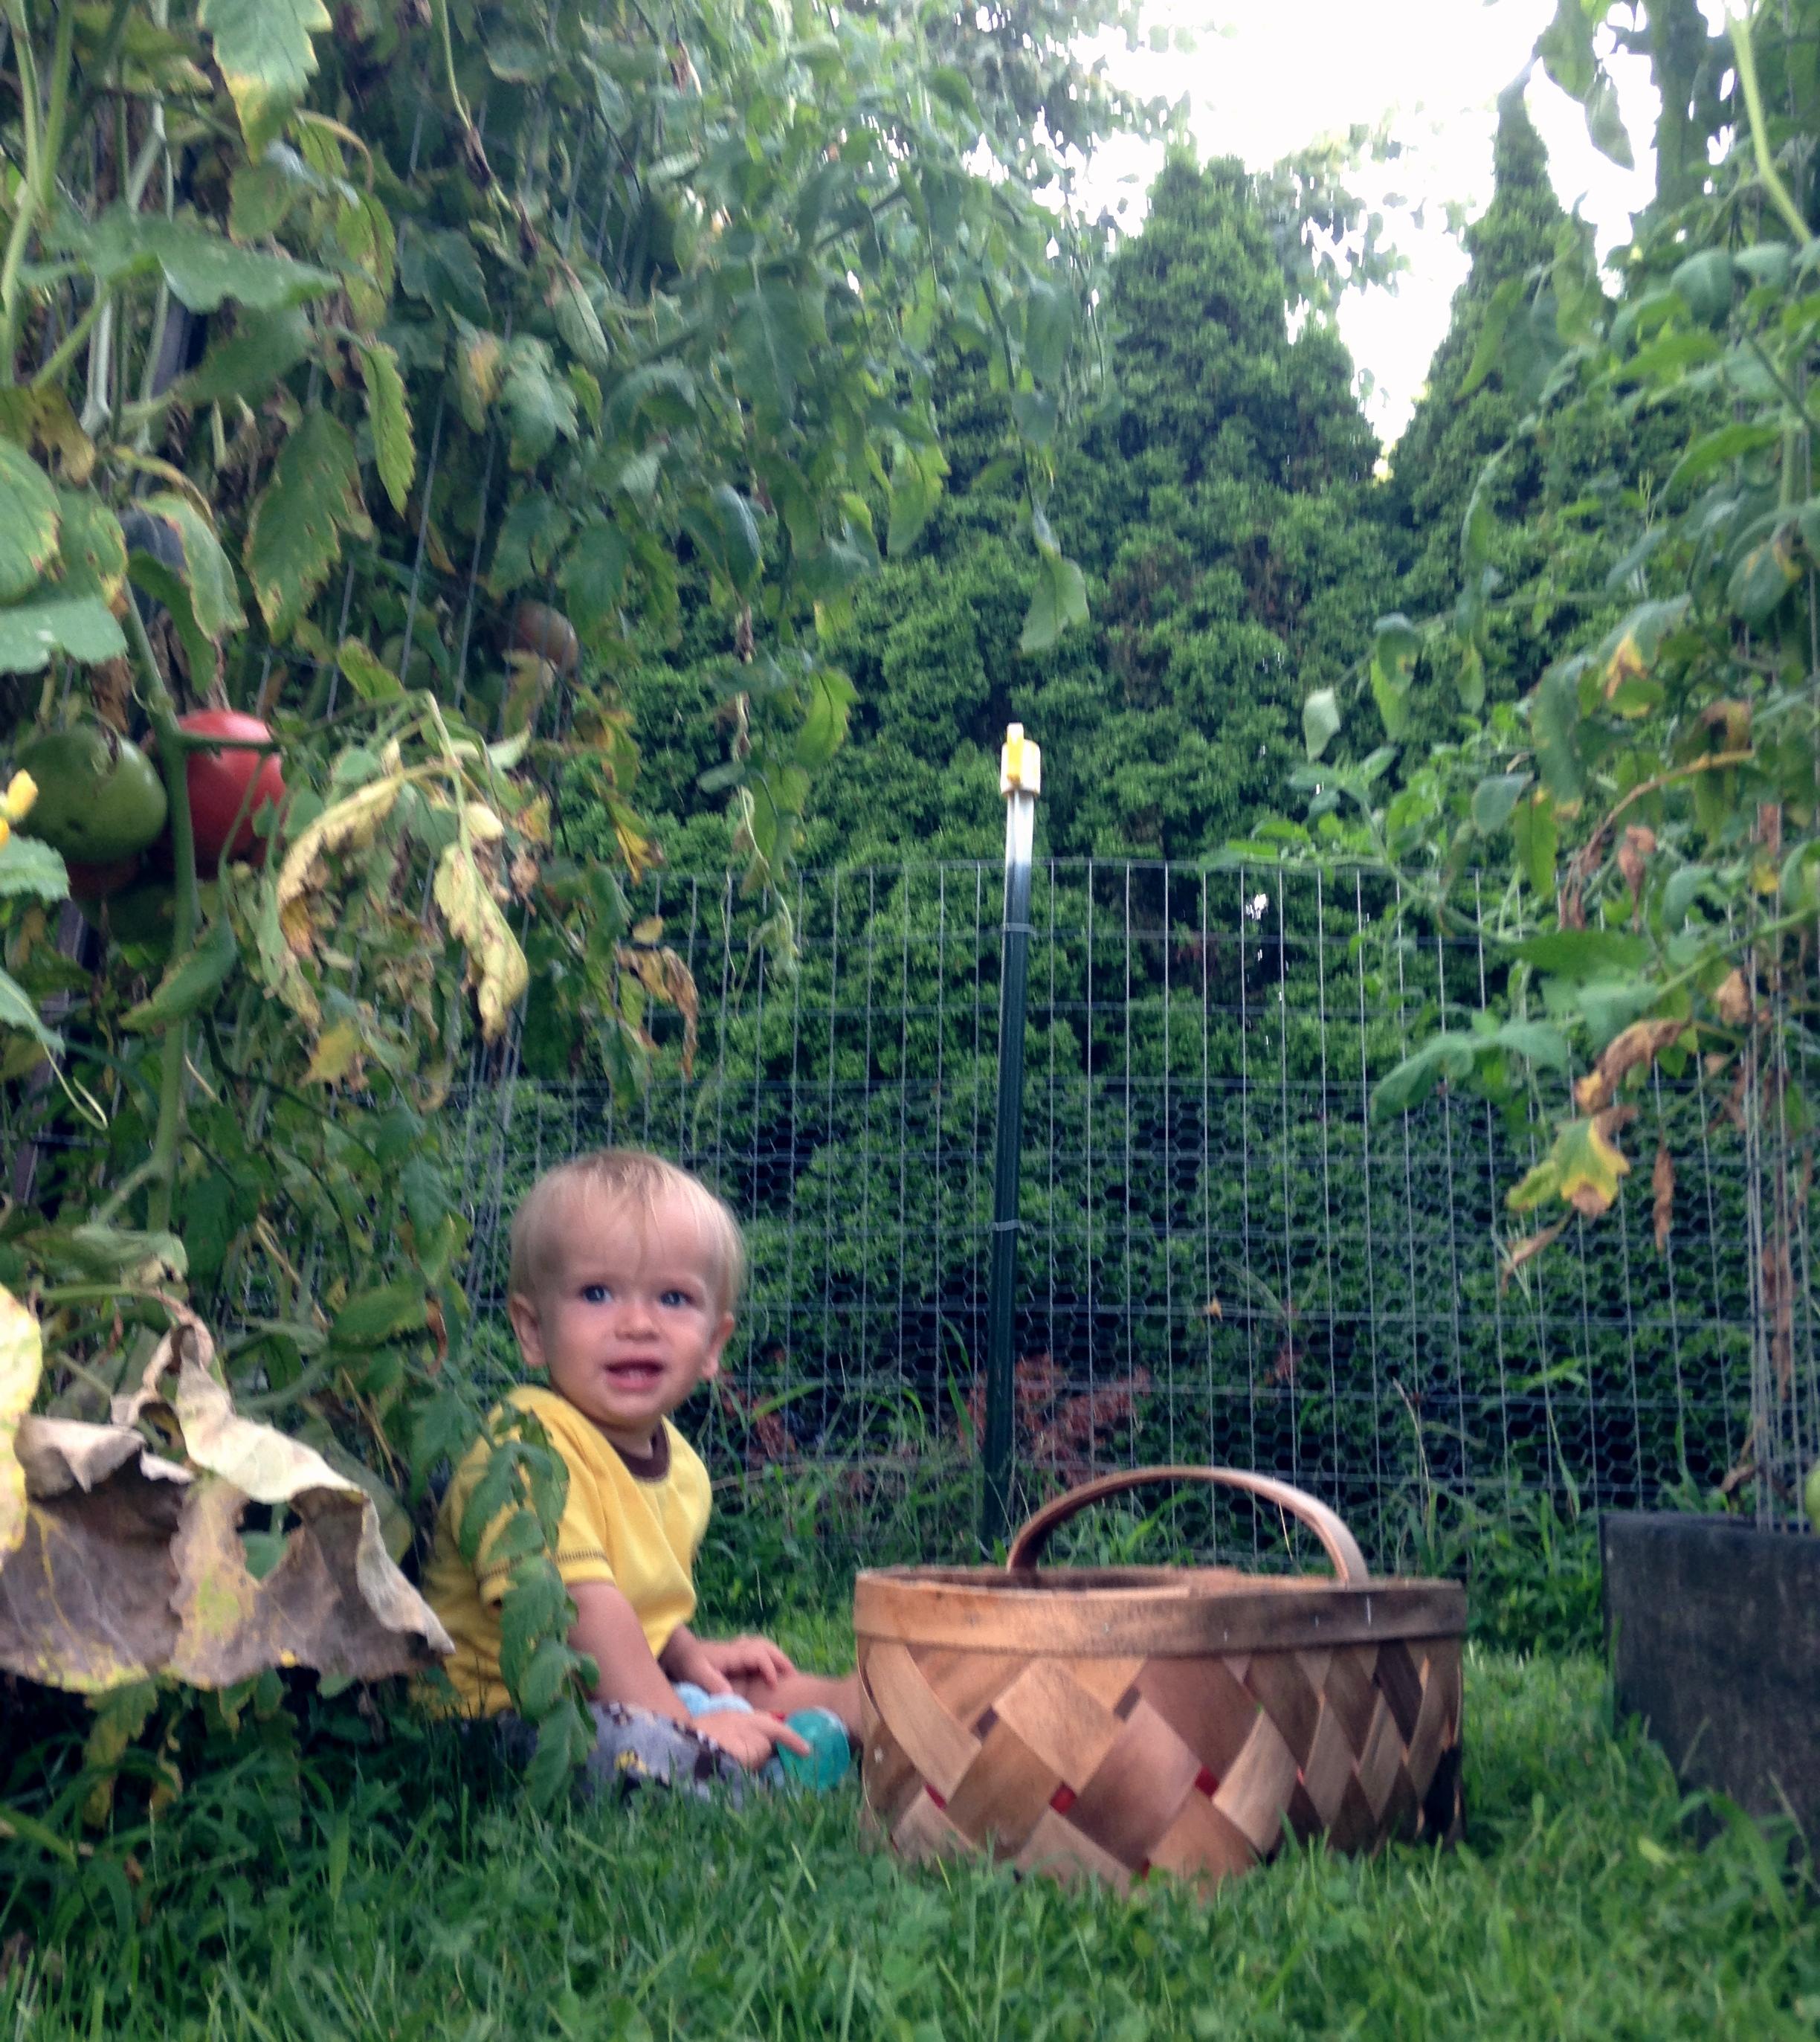 A little garden helper.